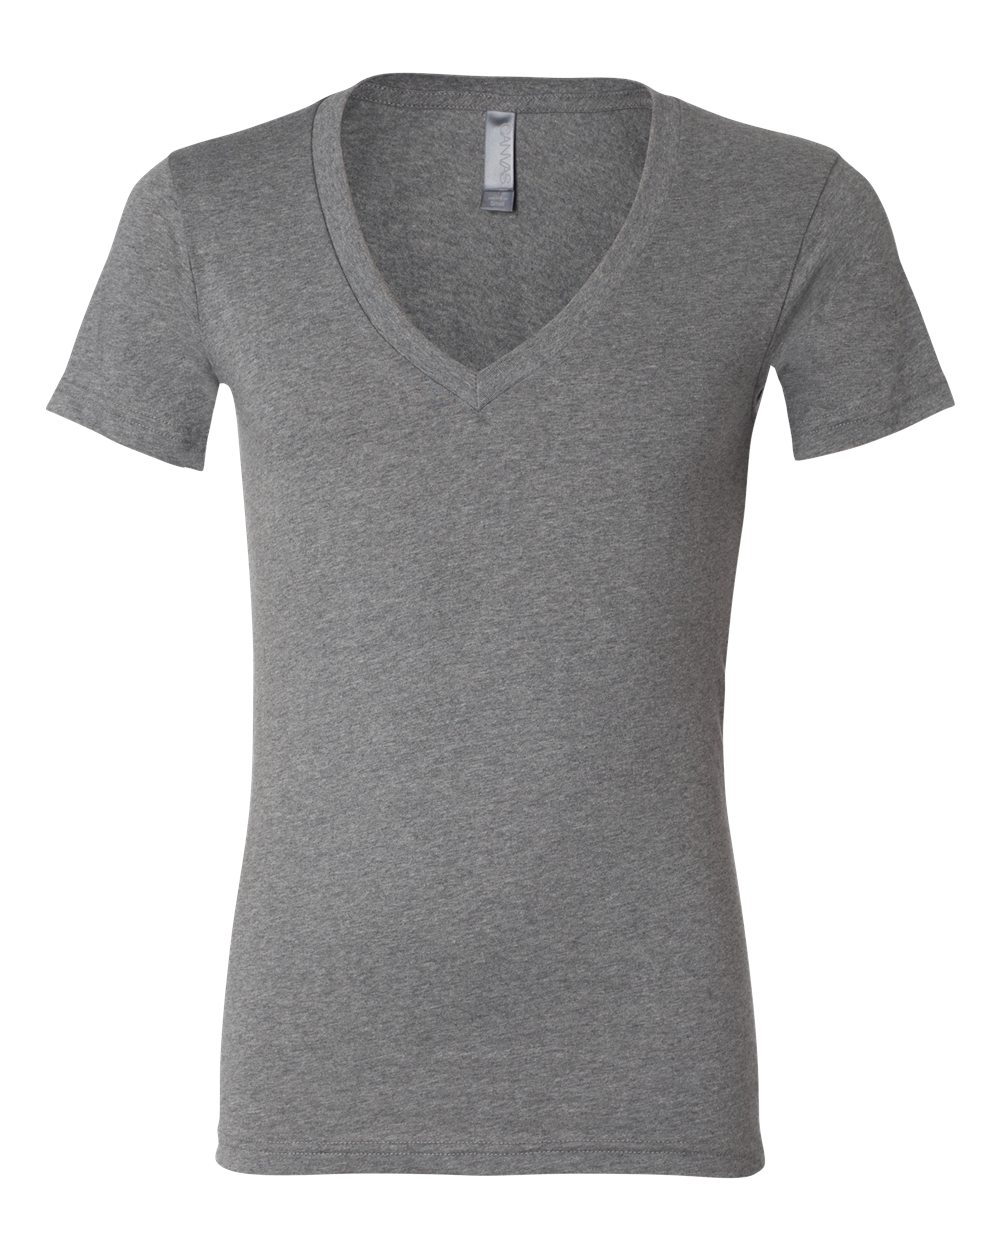 Custom Juniors V-Neck T-Shirts - No Minimum d0c838061